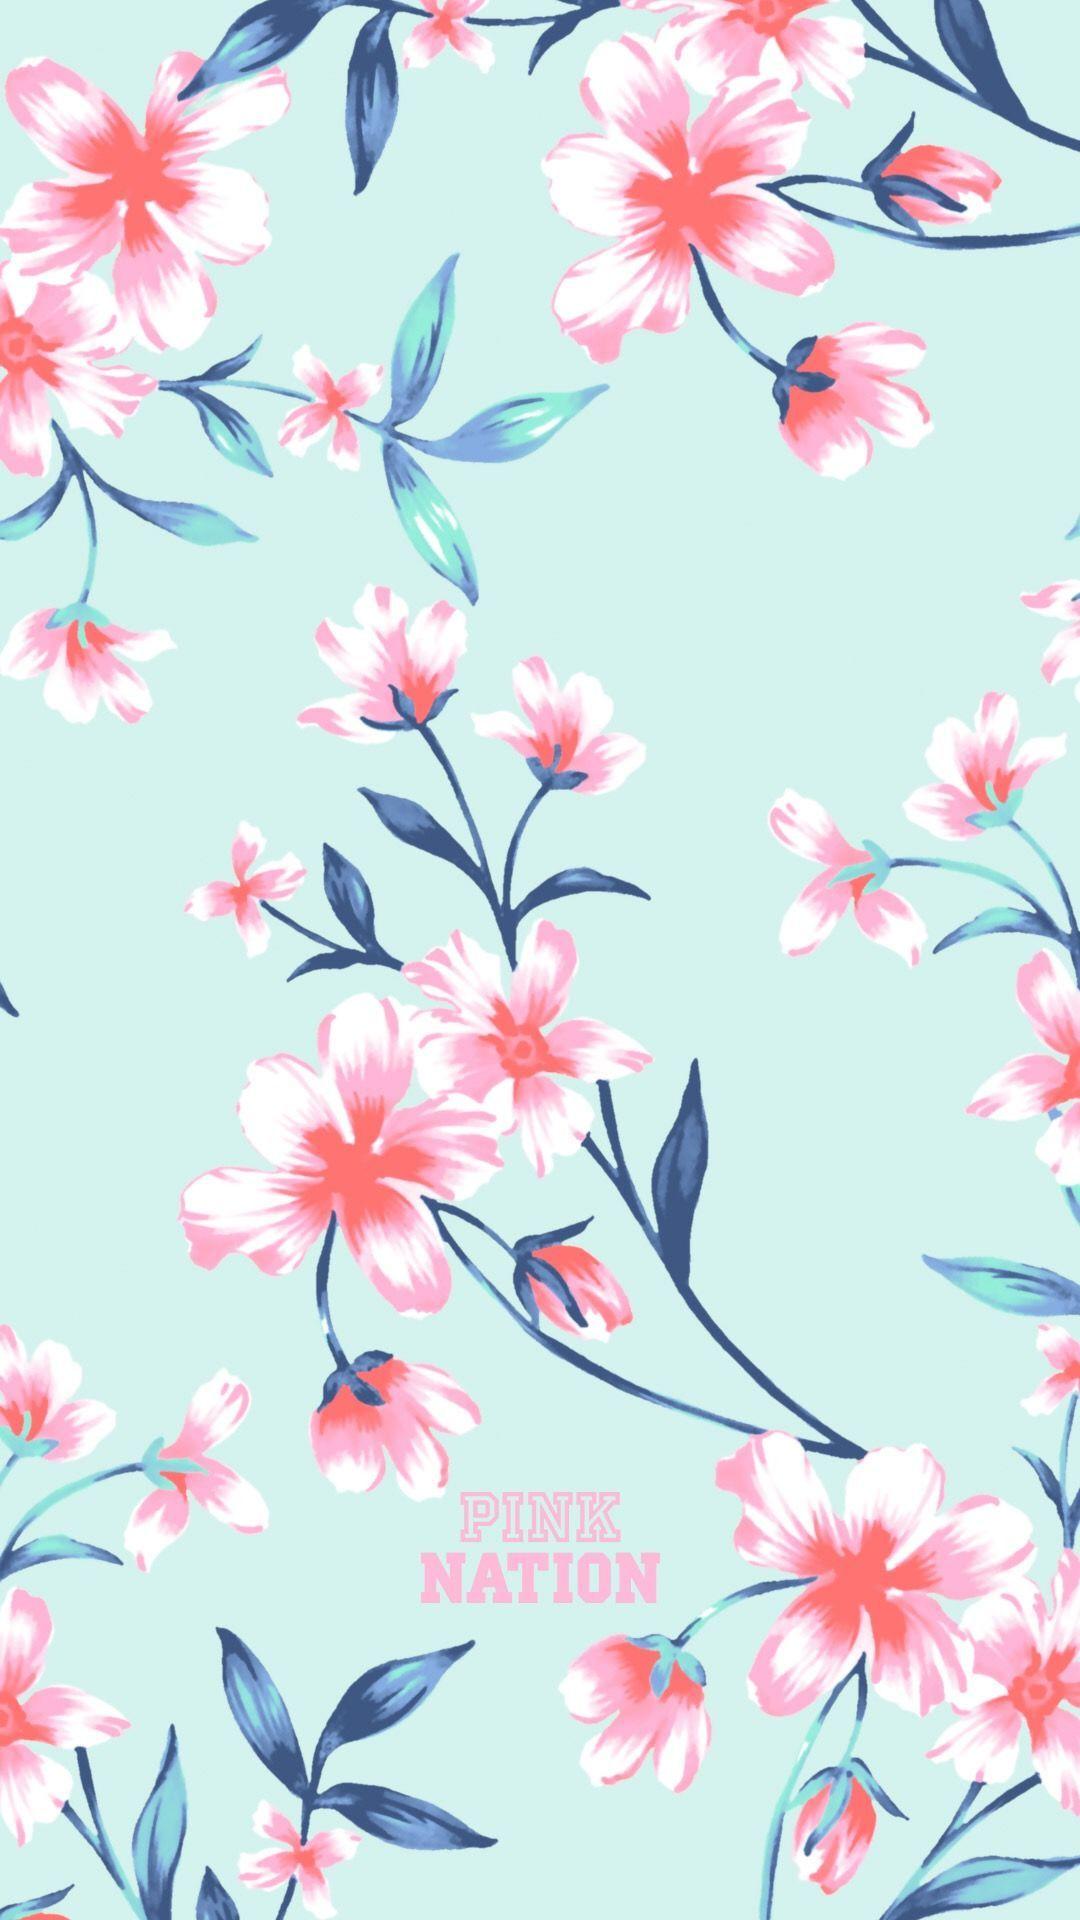 Pattern Pink Flower Floral Design Blossom Pedicel Iphone Wallpaper Pink Nation Wallpaper Iphone Wallpaper Pattern Vs Pink Wallpaper